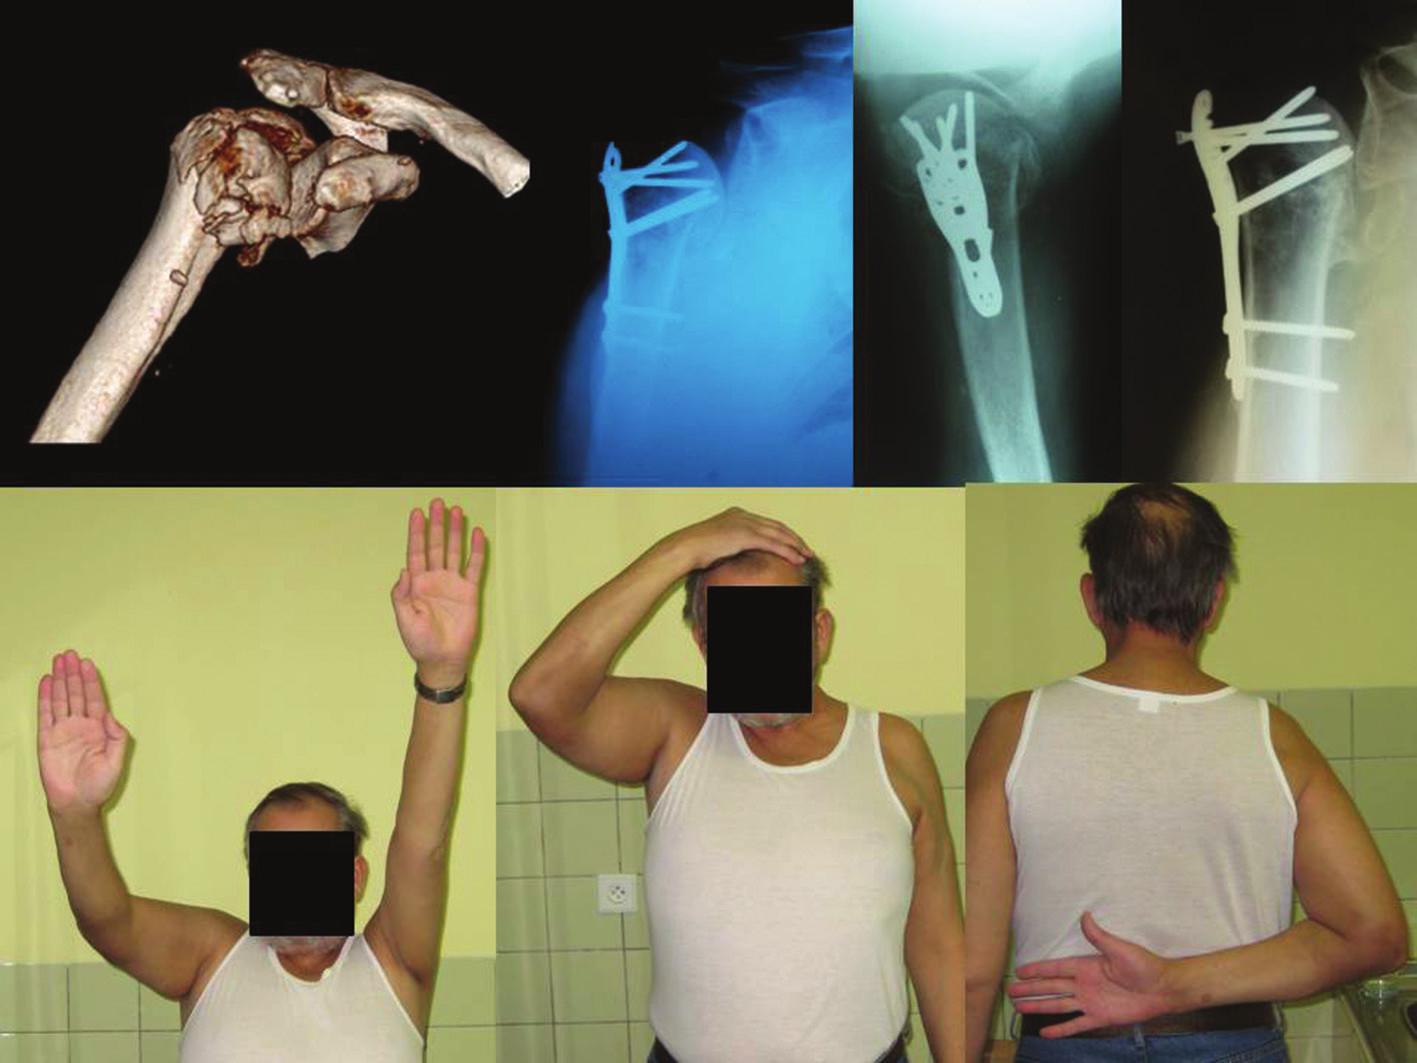 Štvor-časťová zlomenina proximálneho humeru typu Neer VI so zadnou luxáciou hlavy (vľavo) riešená otvorenou repozíciou a vnútornou fixáciou pomocou uhlovostabilnej PHILOS dlahy. Pooperačný röntgen v dvoch projekciách (AP, axilárna) a röntgen 12 mesiacov po osteosyntéze (vpravo). Fig. 1: Four-part proximal humerus fracture type Neer VI with posterior dislocation of the humeral head (left) treated by open reduction and internal fixation with the angle stable plate (PHILOS). Postoperative X-ray scans in two projections (AP, axillar) and at 12 months from osteosynthesis (right).